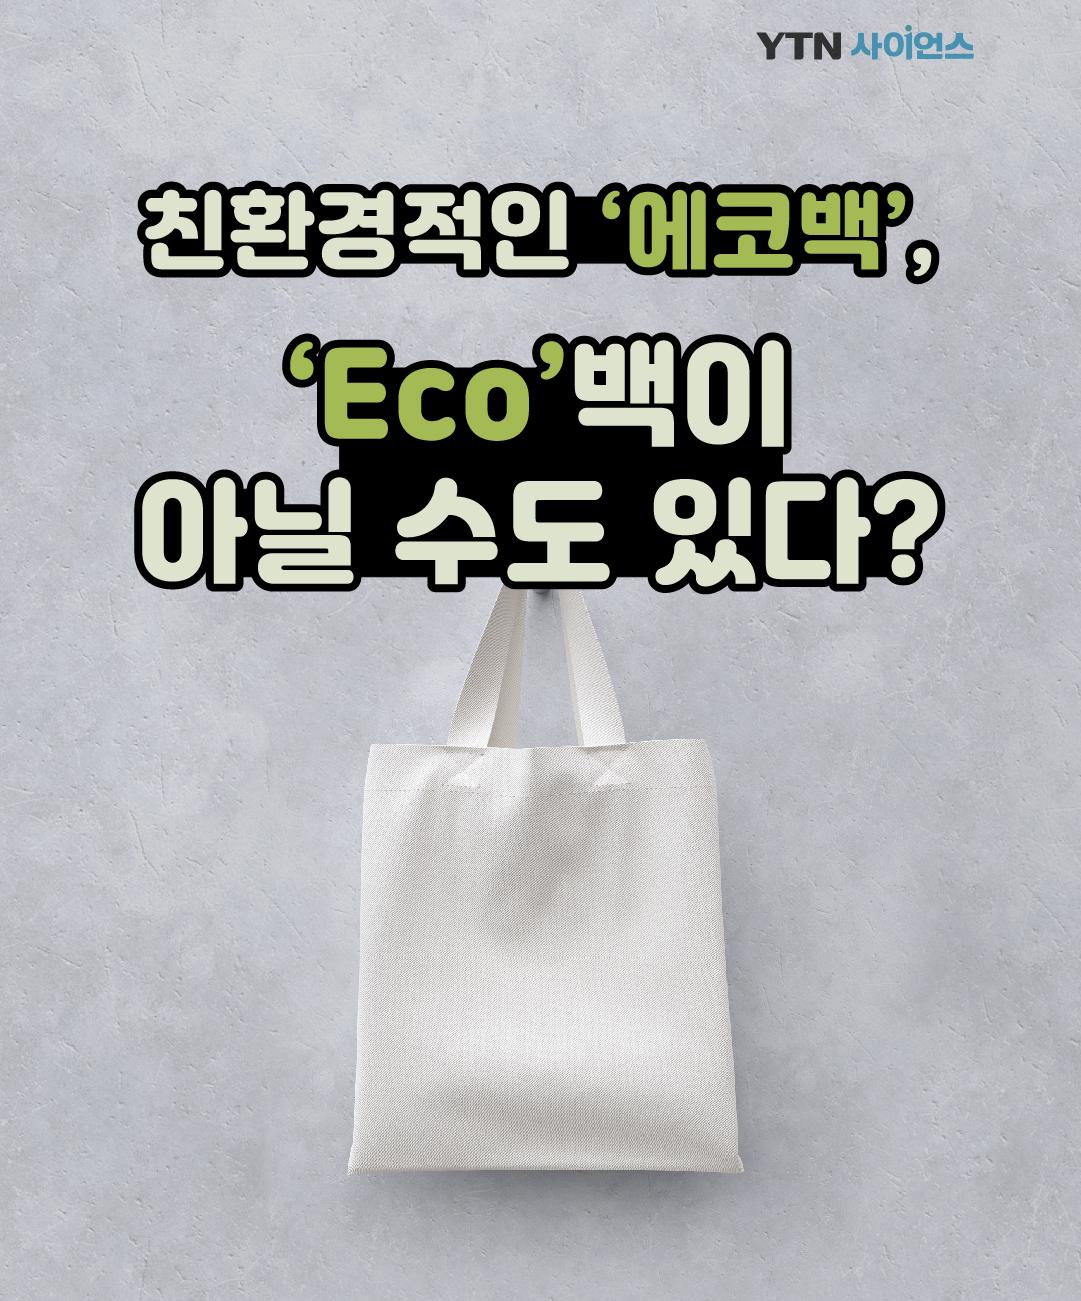 친환경적인 '에코백', 'Eco'백이 아닐 수도 있다? 이미지